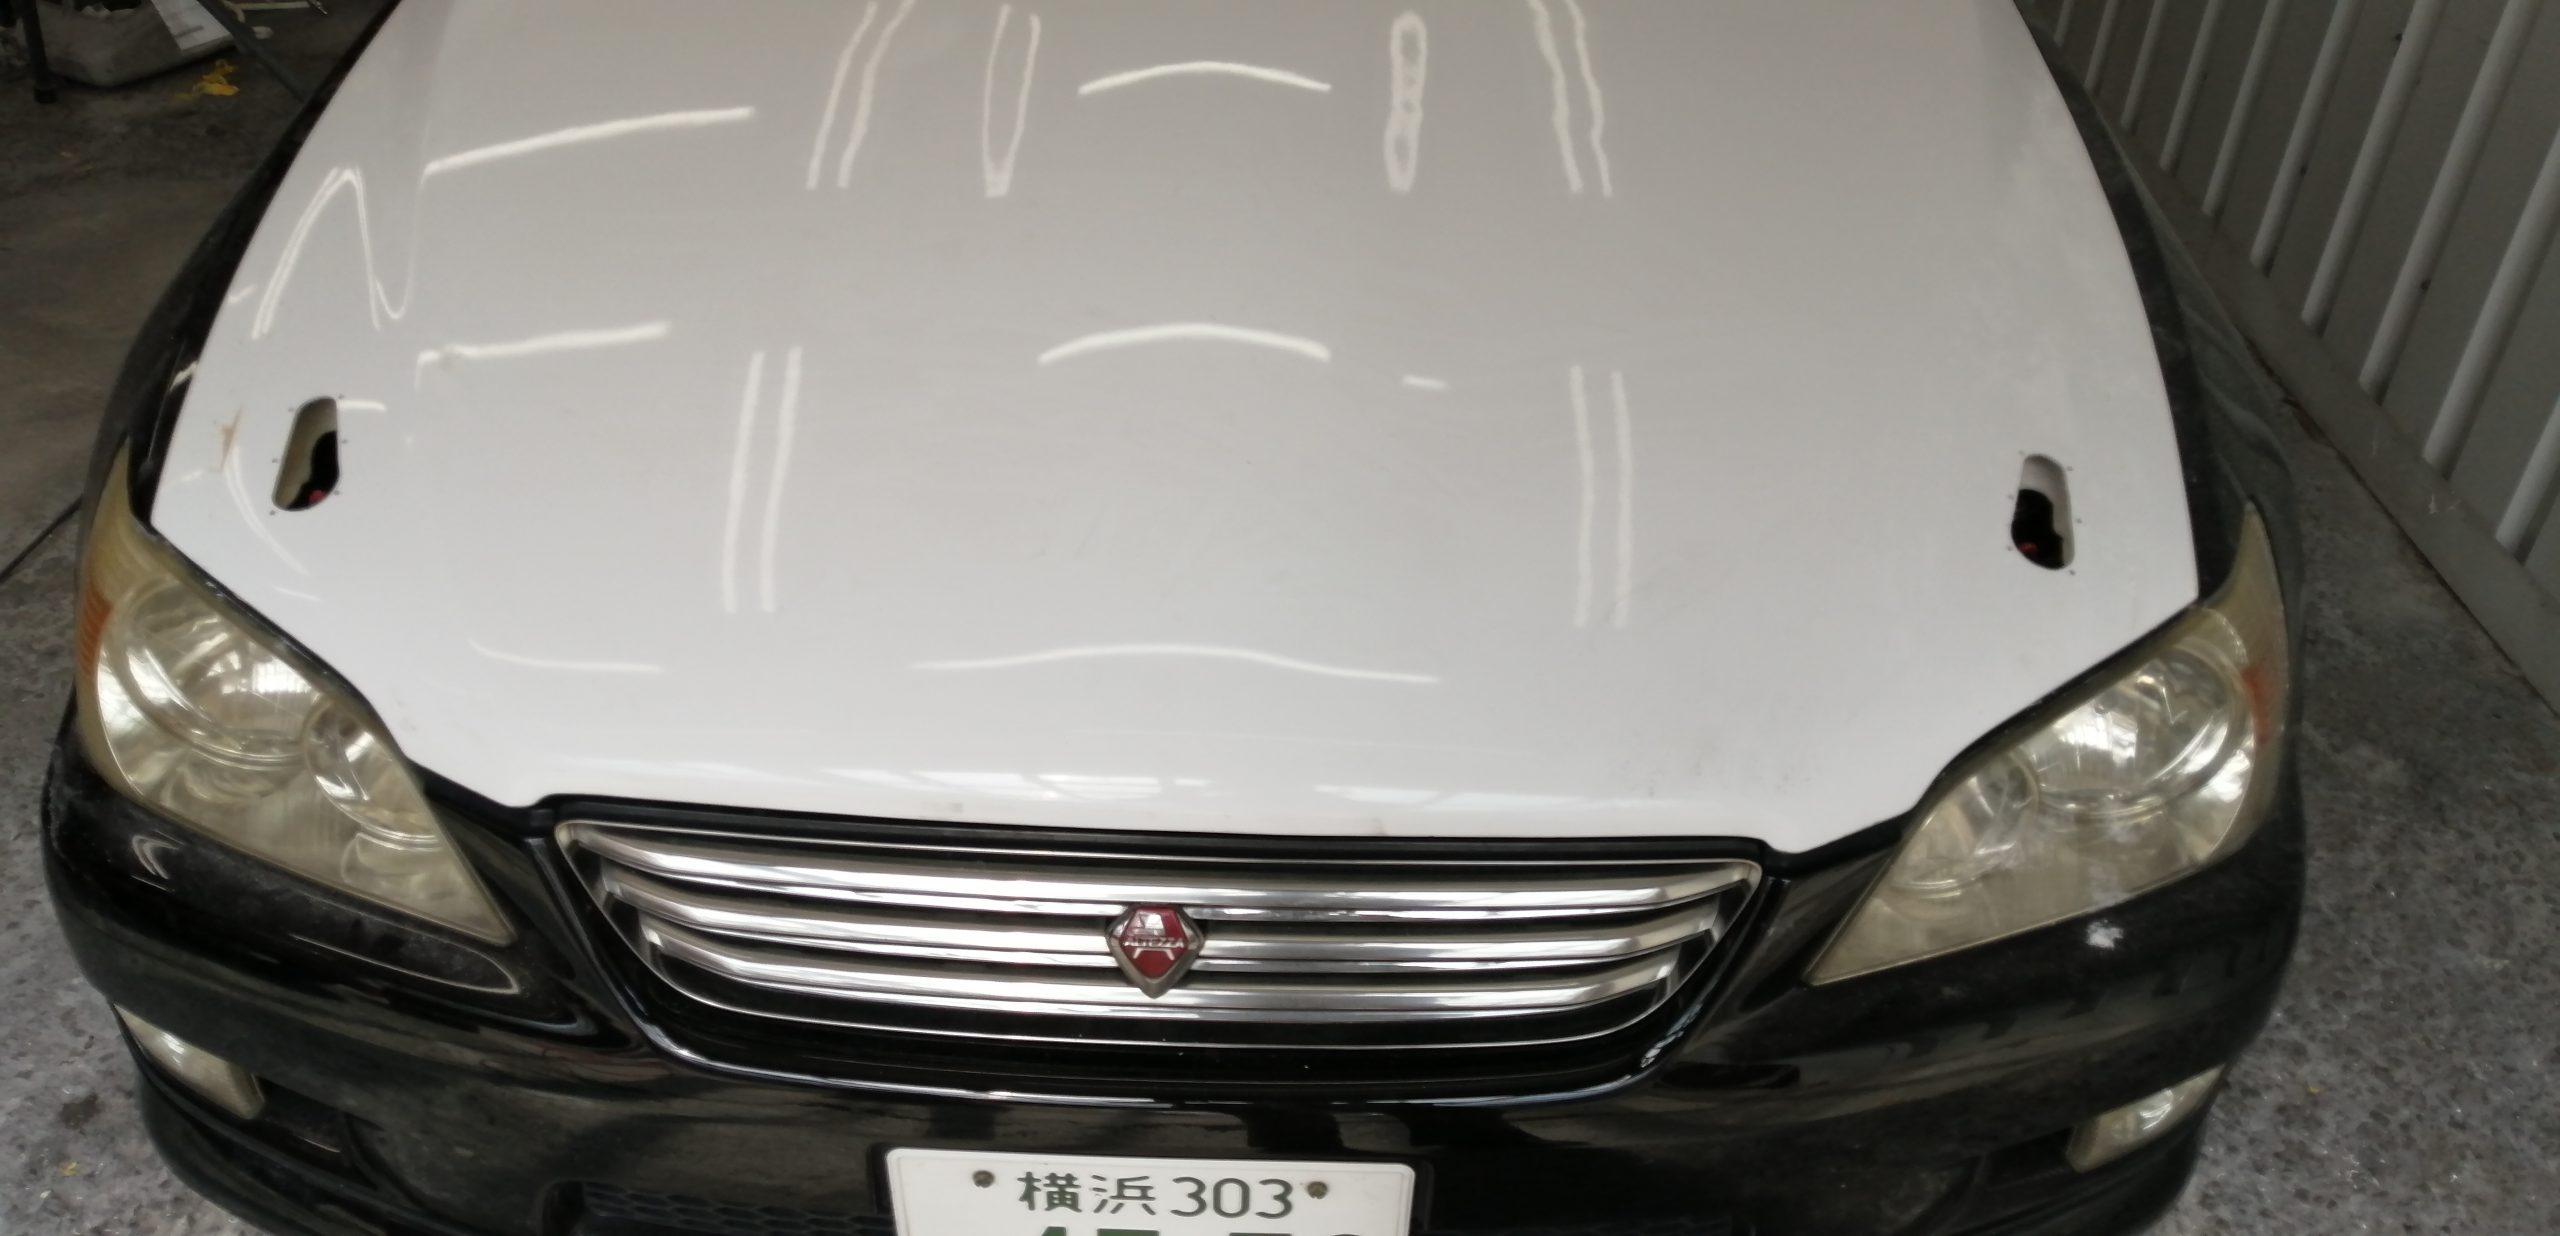 アルテッツァ ボンネット ボンピン取付 町田市 鈑金塗装 ㈲鈴木自動車